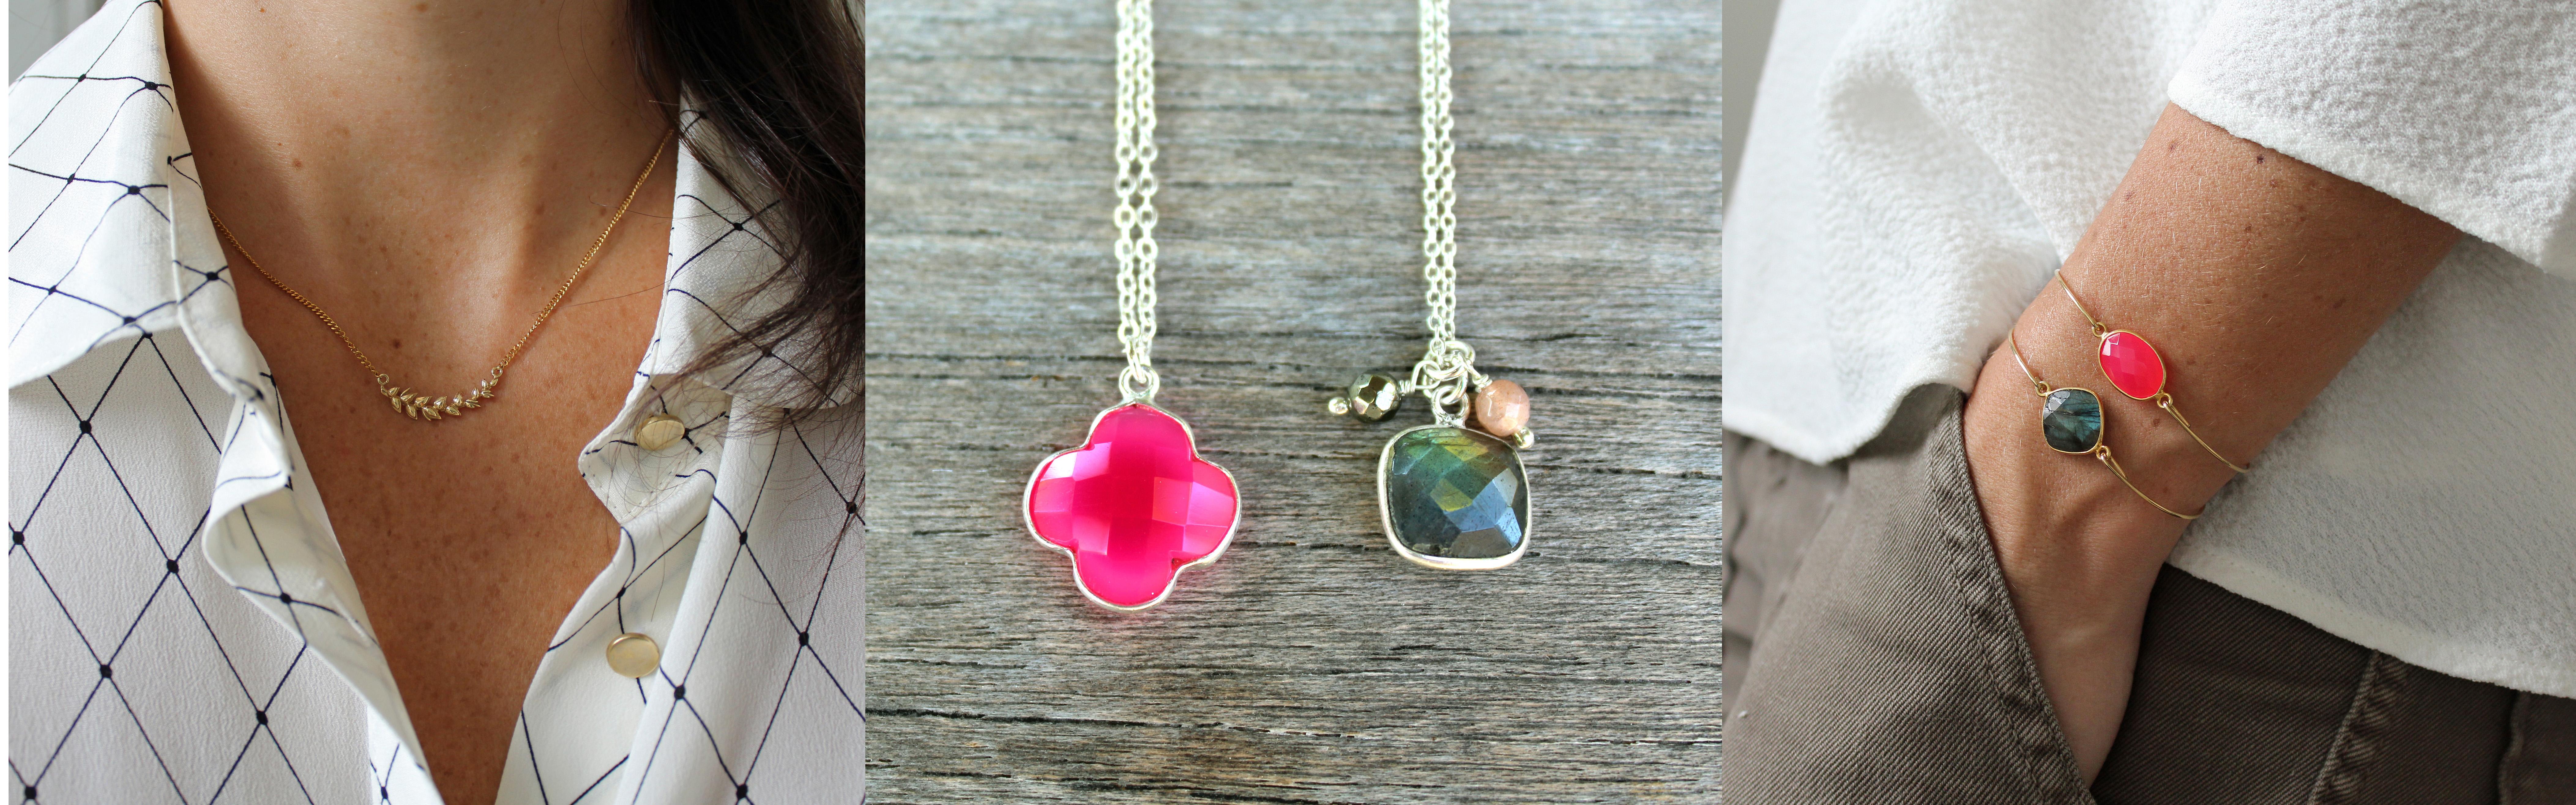 Colliers et joncs fuchsia Pemberley bijoux AH16